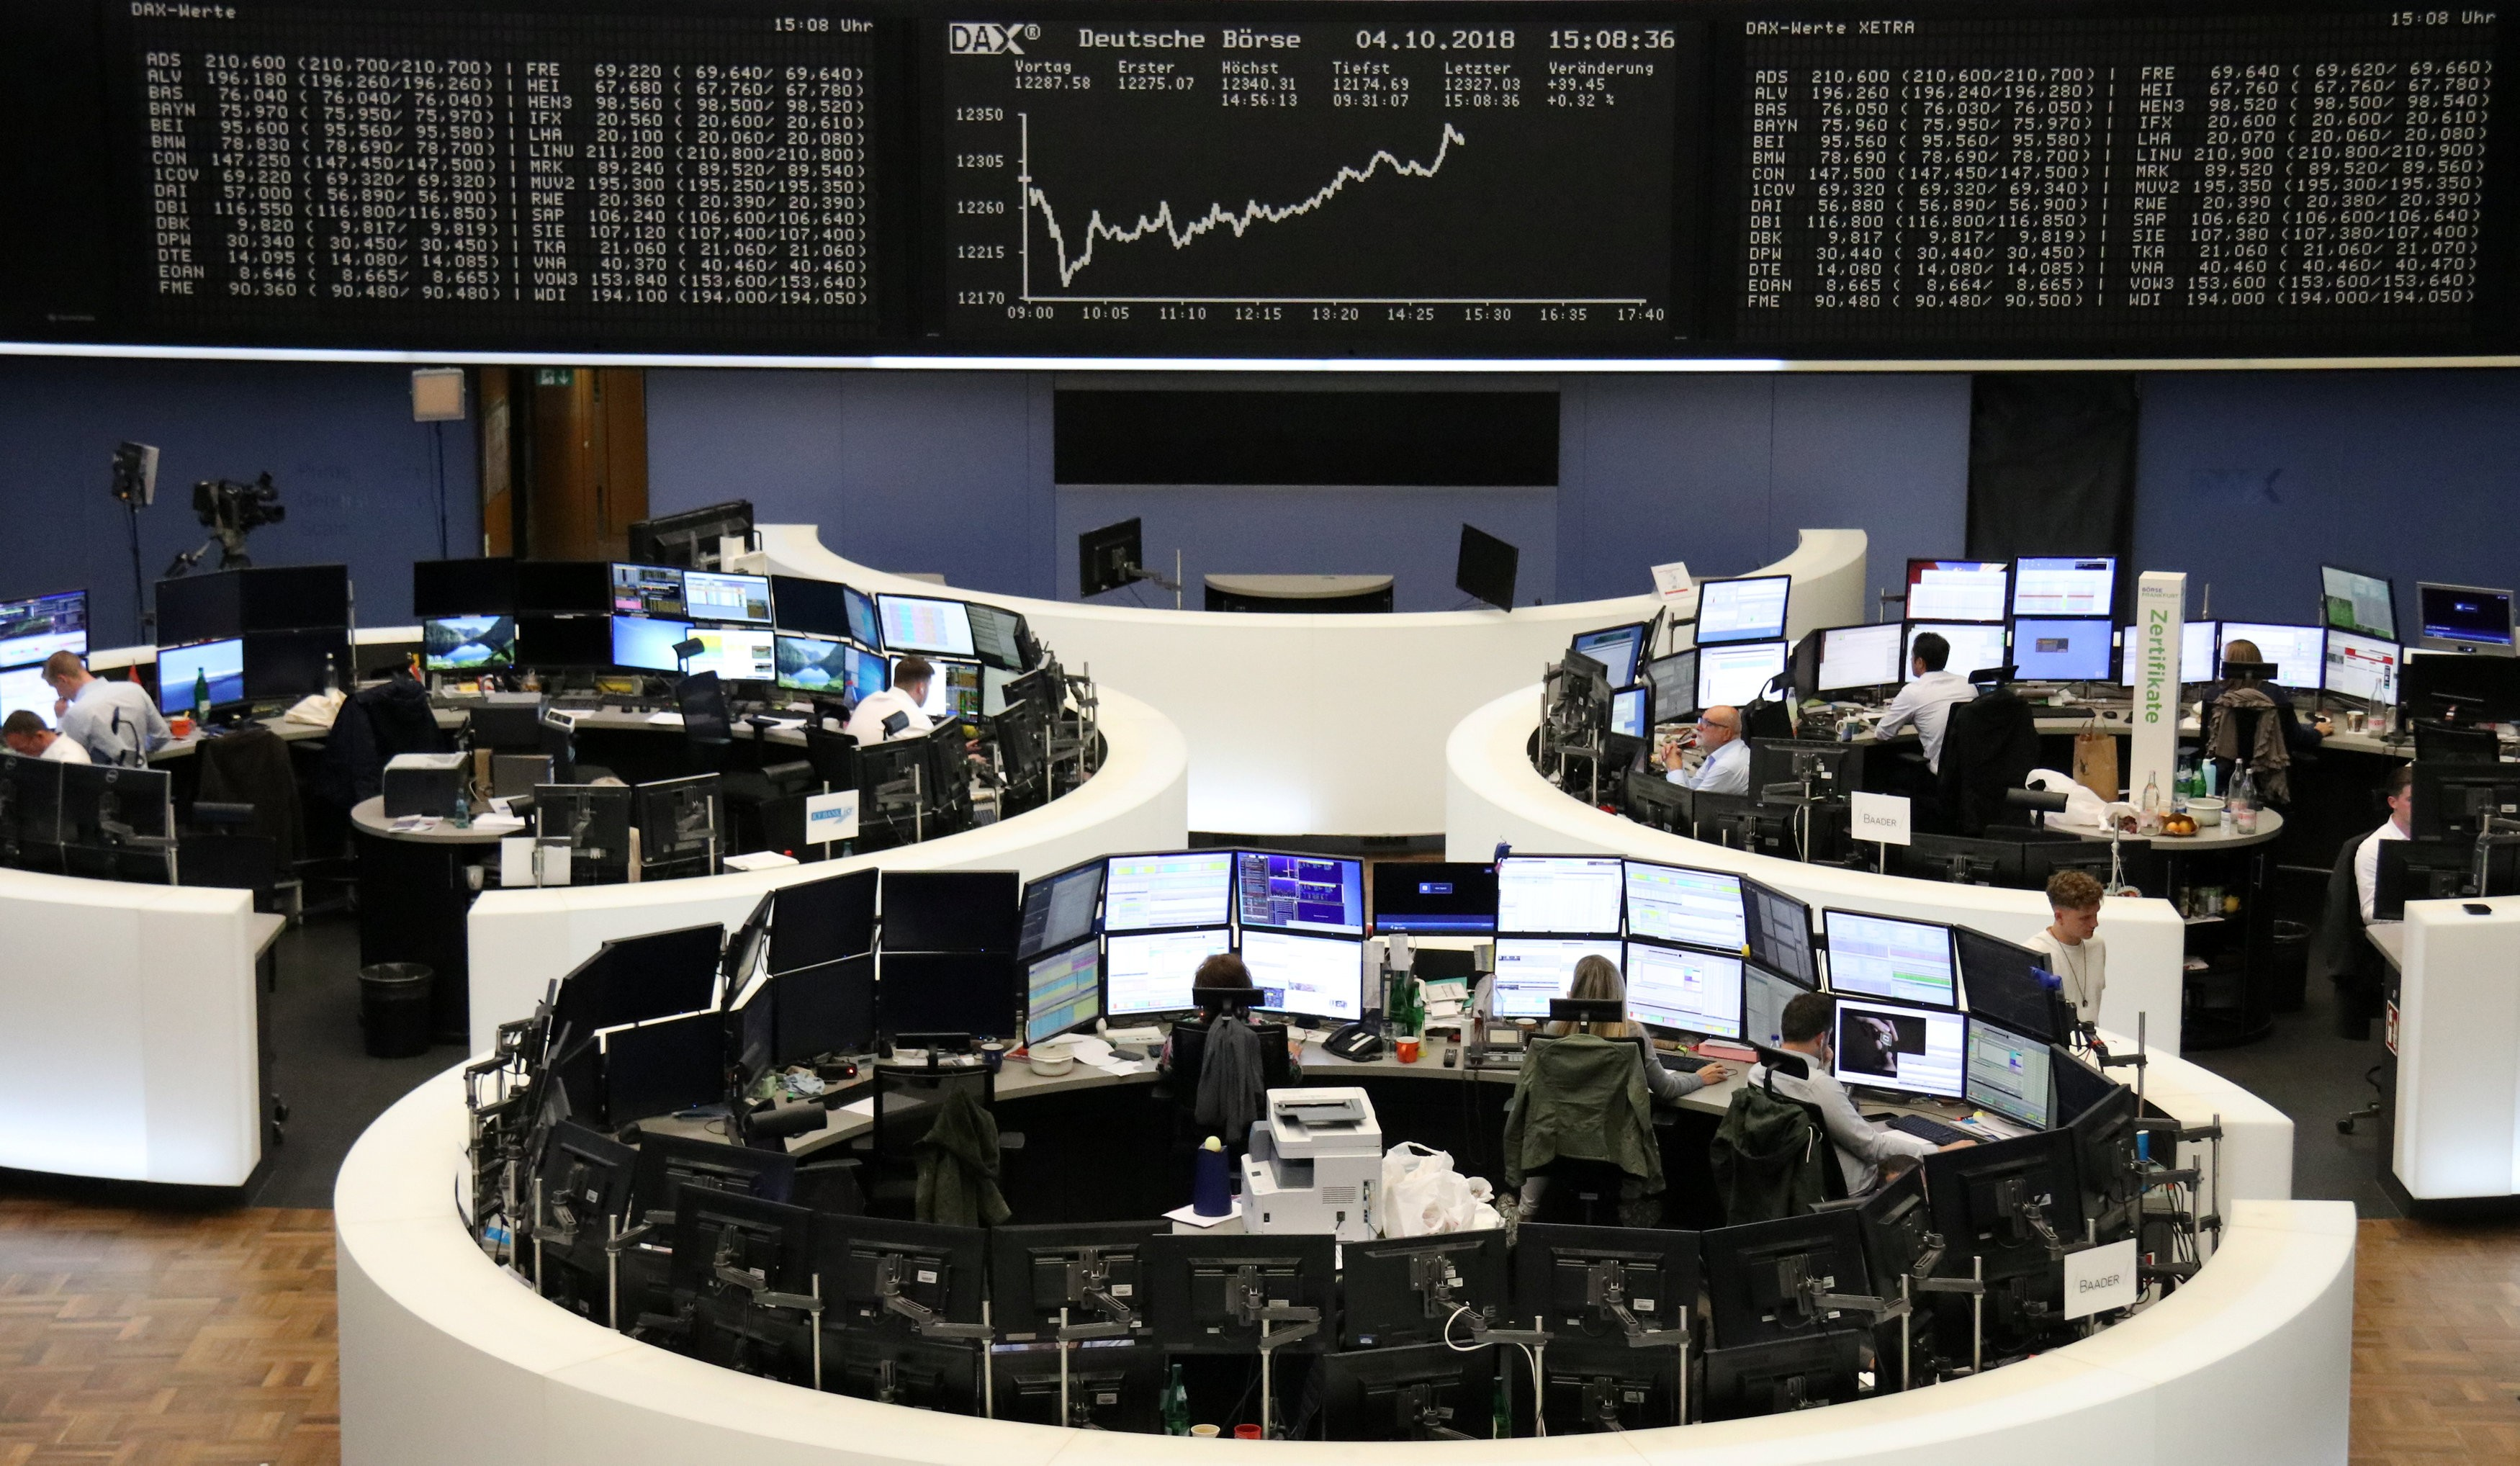 Bolsas da Europa fecham próximas estabilidade com atenções voltadas a pacote fiscal da zona do euro